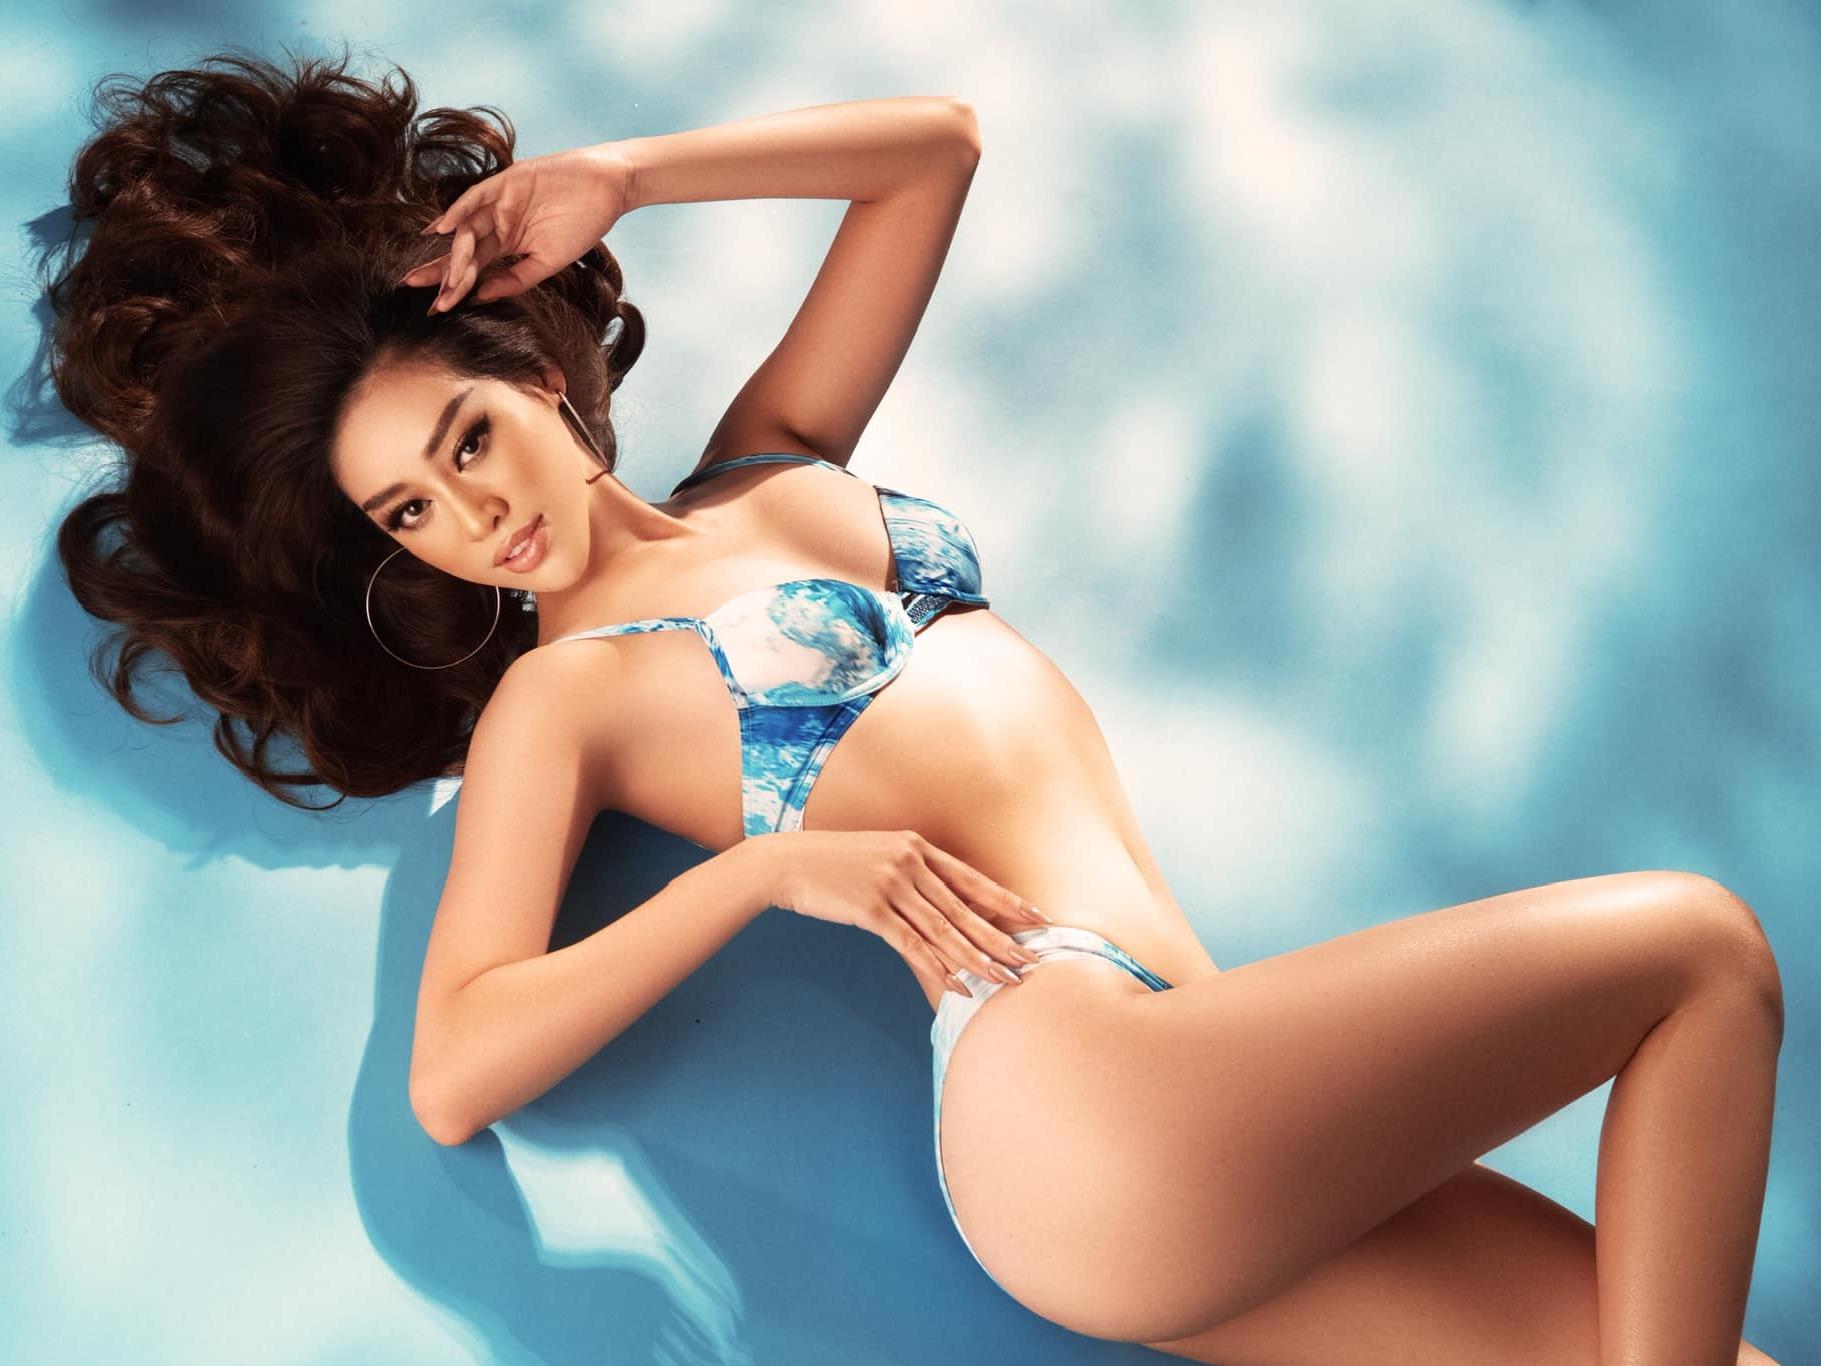 Khánh Vân 'bùng cháy', khoe body 'sắc như dao' trong bộ bikini nhỏ xíu trước thềm bán kết Miss Universe